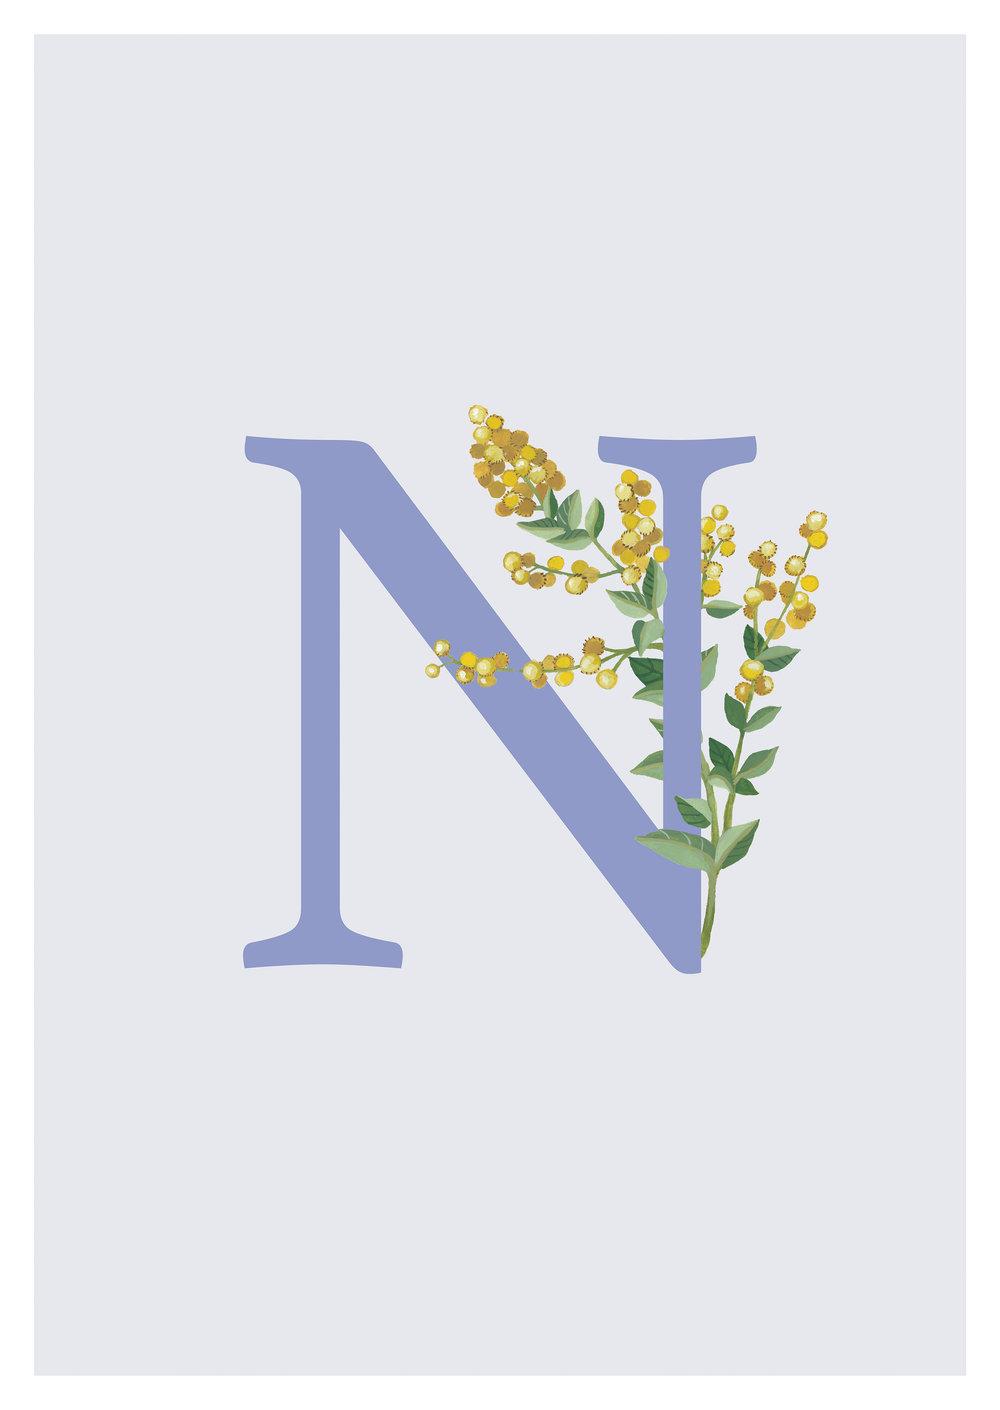 Nino voor.jpg